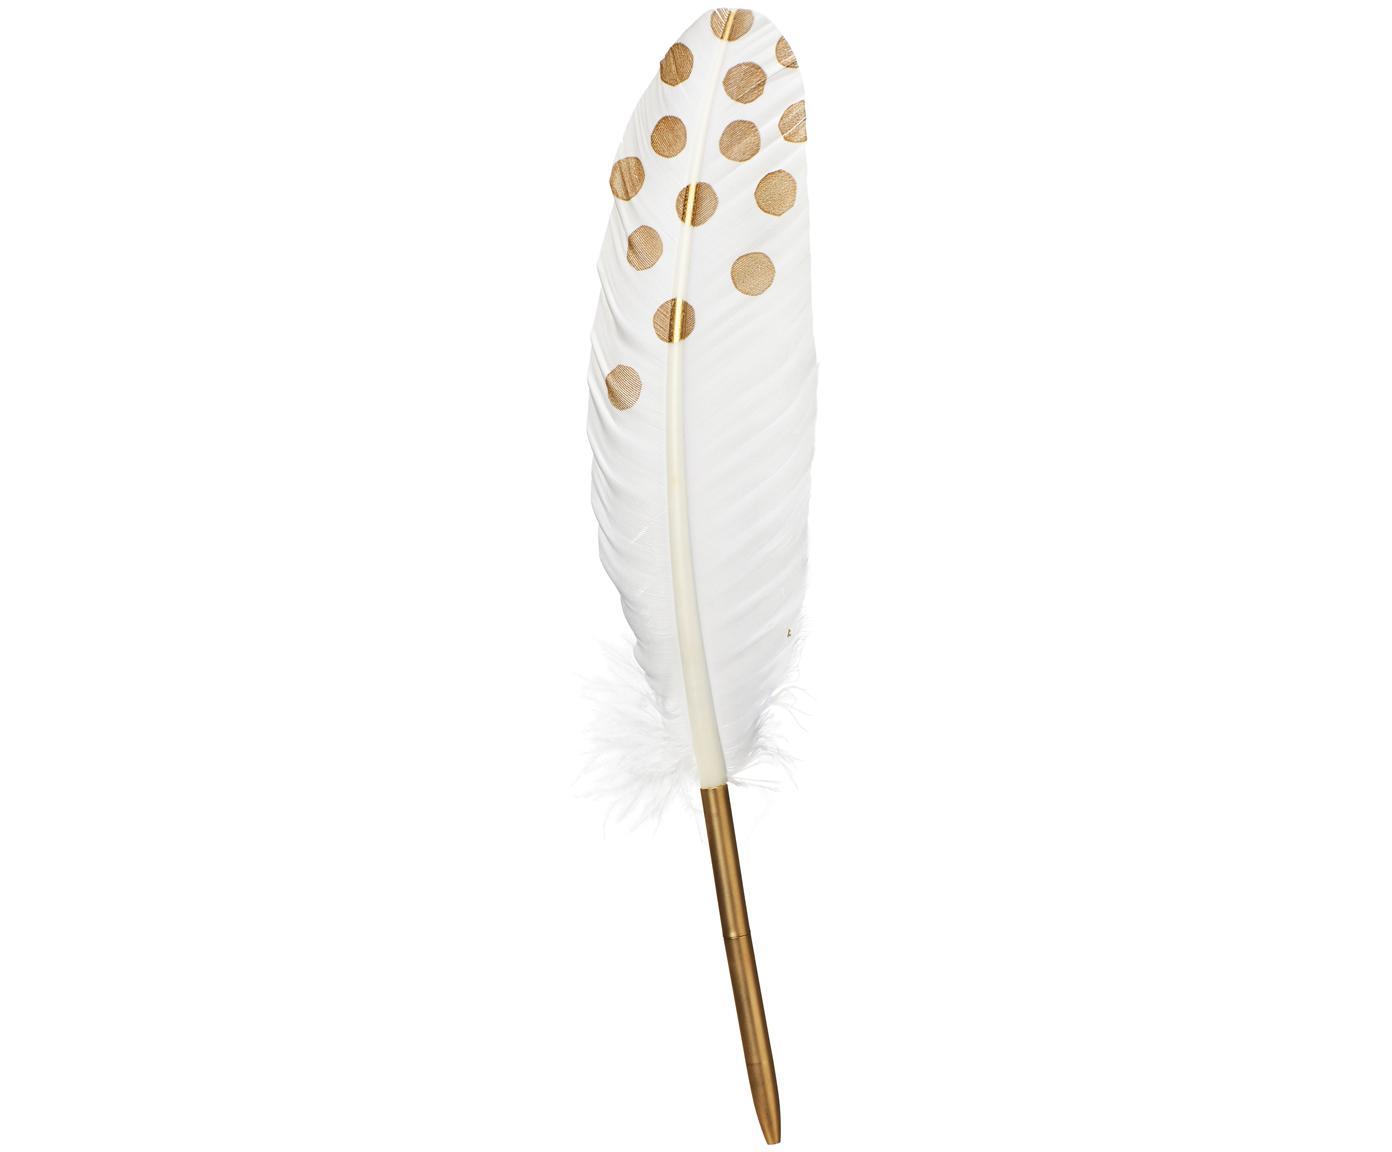 Schrijfveer Punkte, Echte veren, metaal, Wit, goudkleurig, 2 x 28 cm